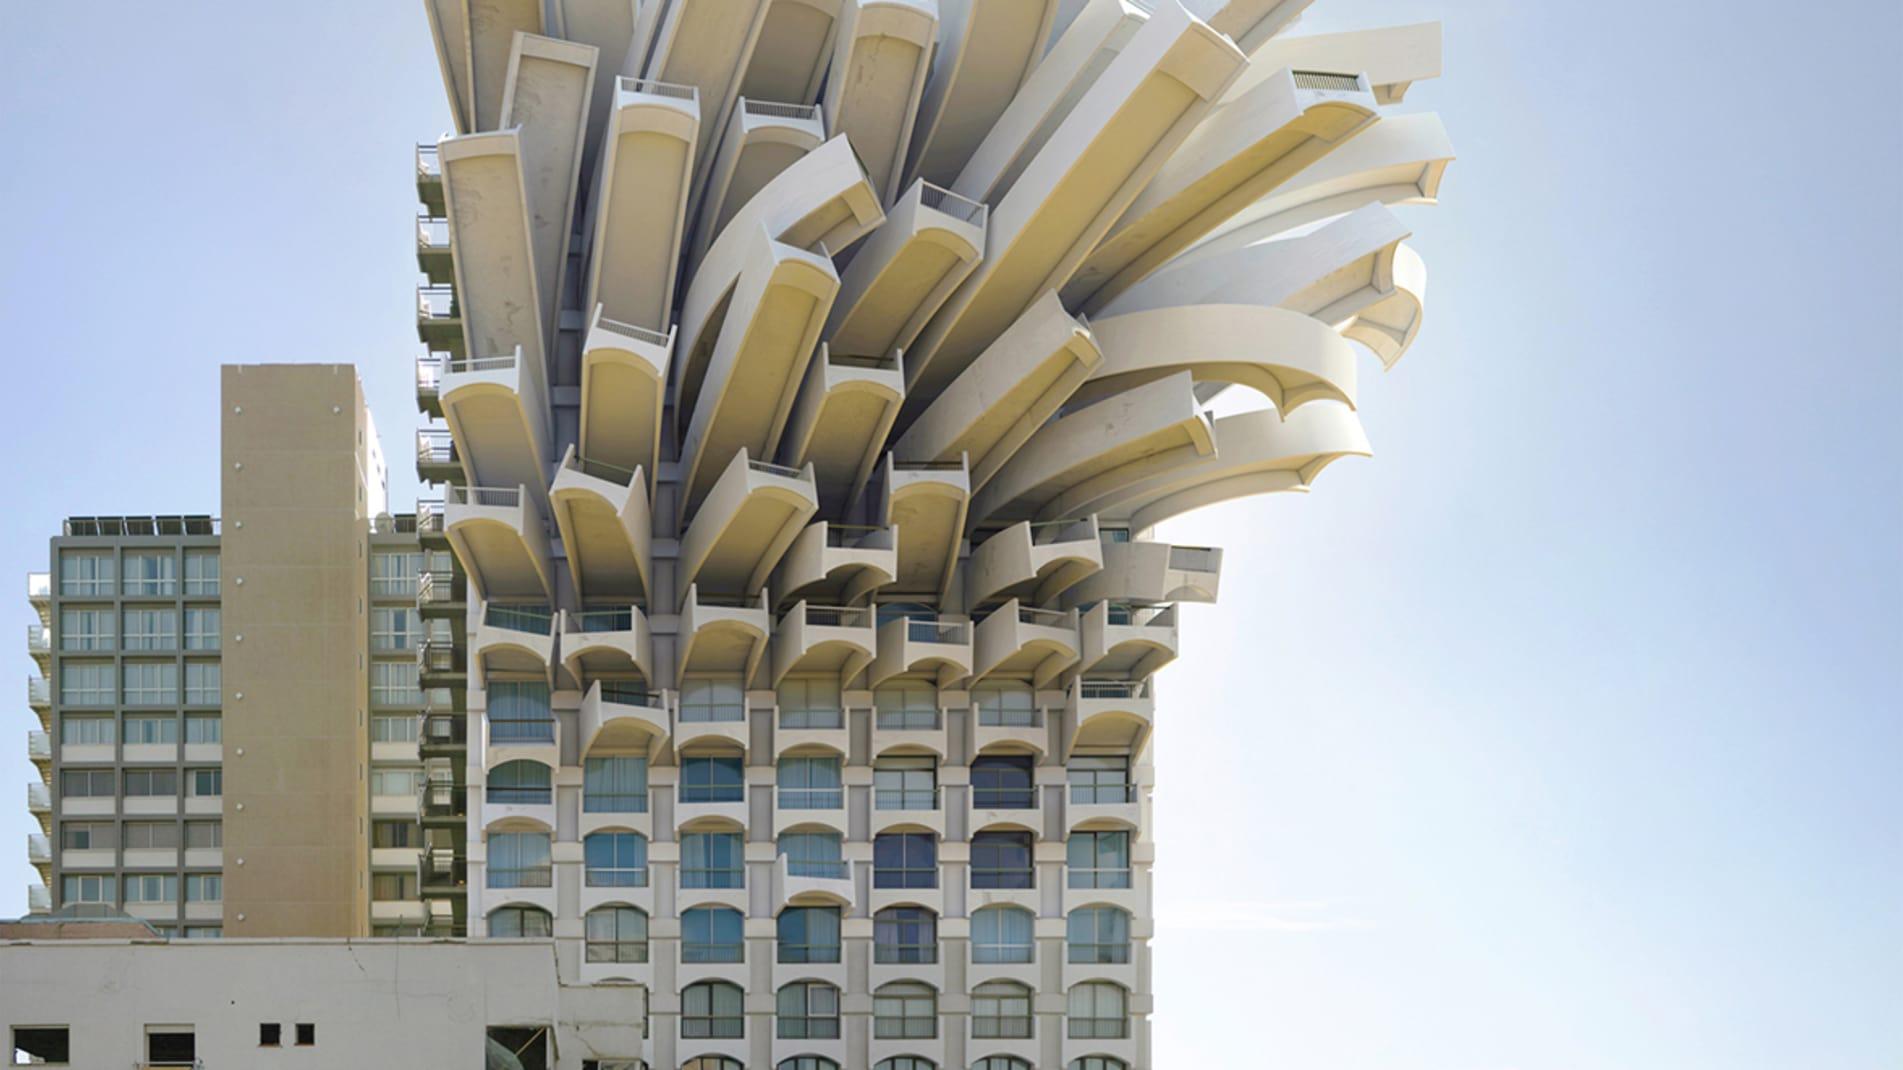 تعرف على التصميم الذي ألهم العديد من مباني شانغهاي